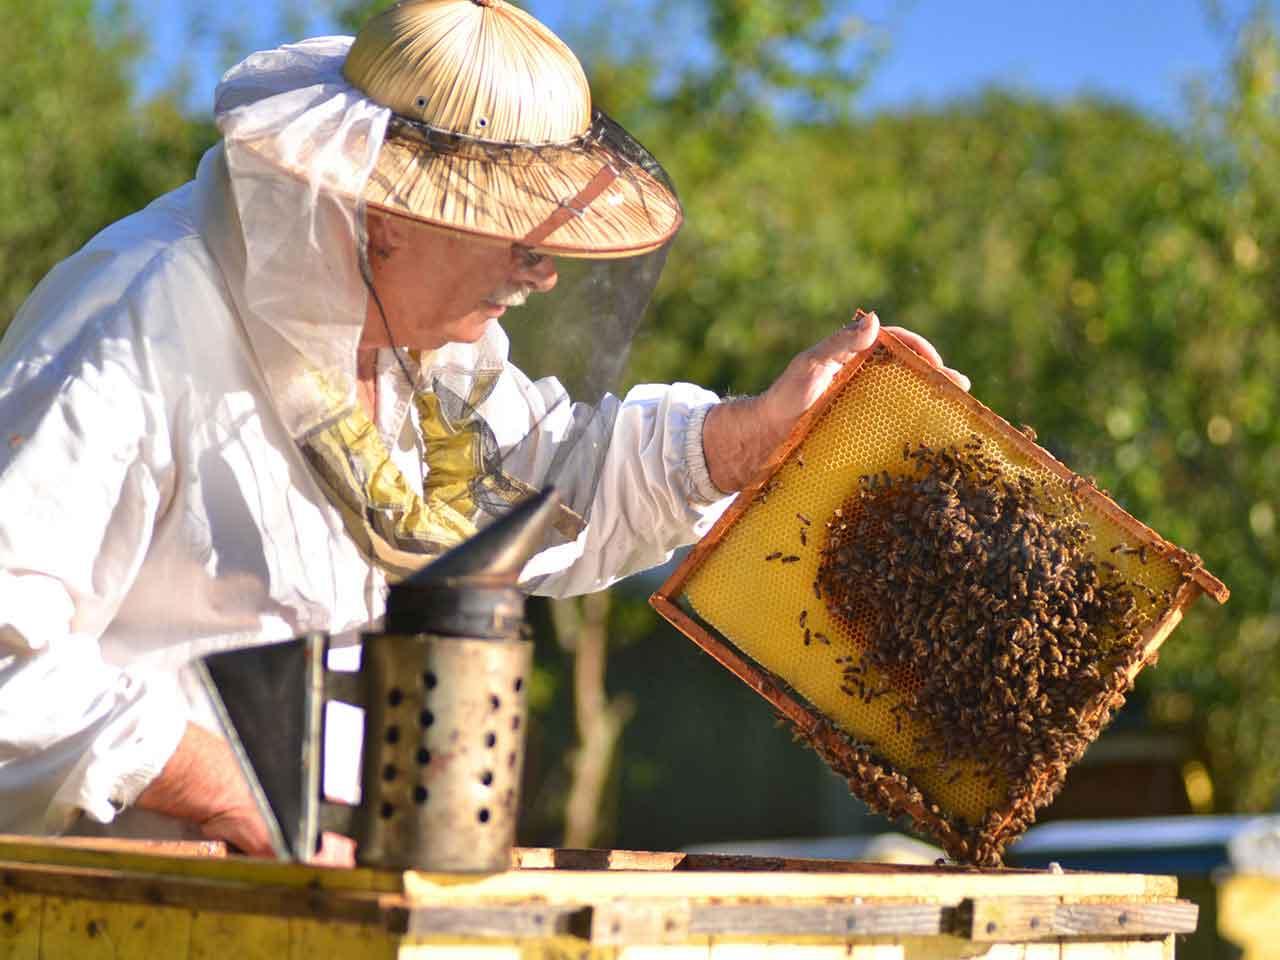 Backyard Bee Keeping